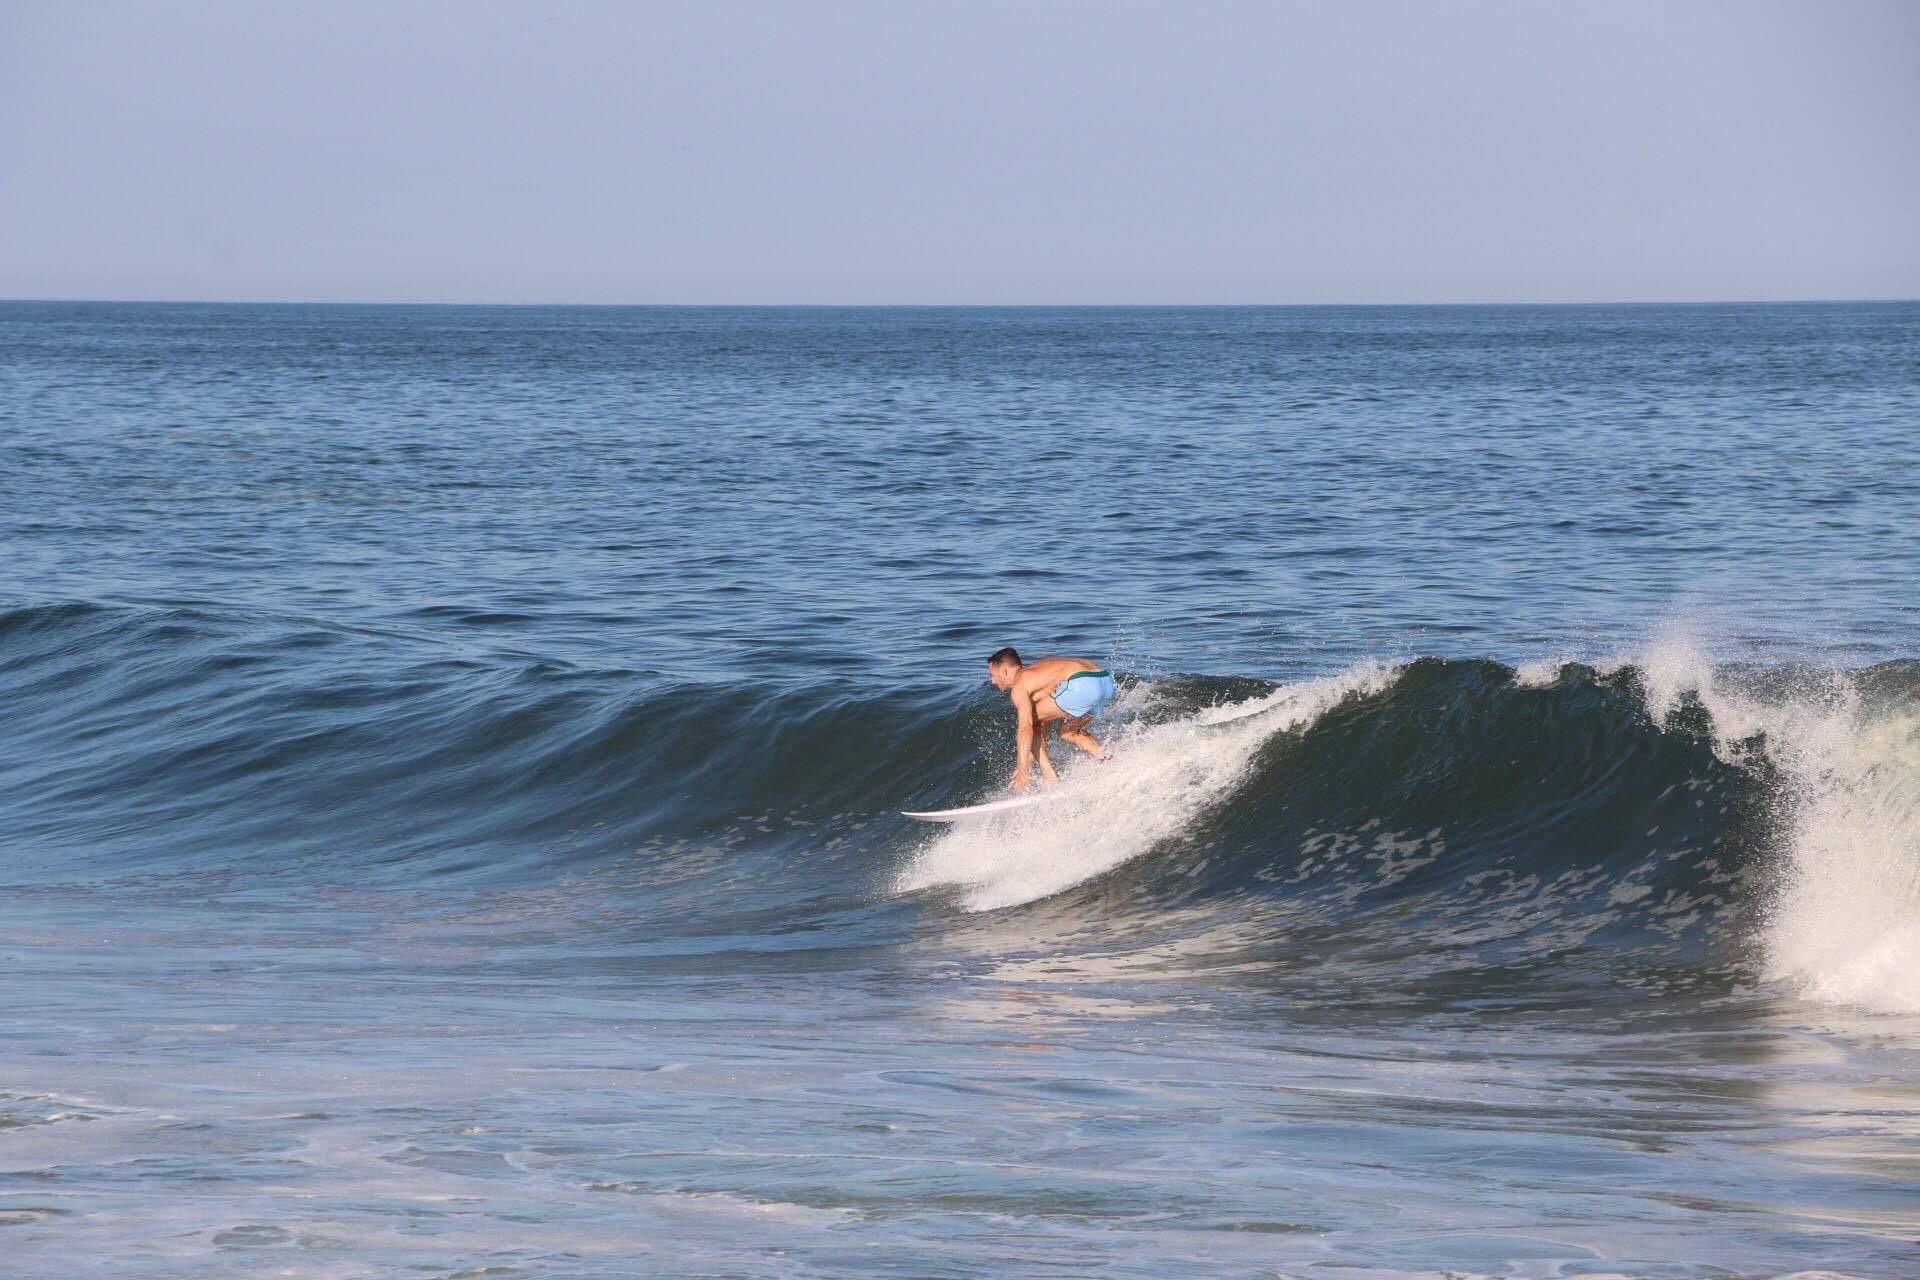 Bill McCabe surfing